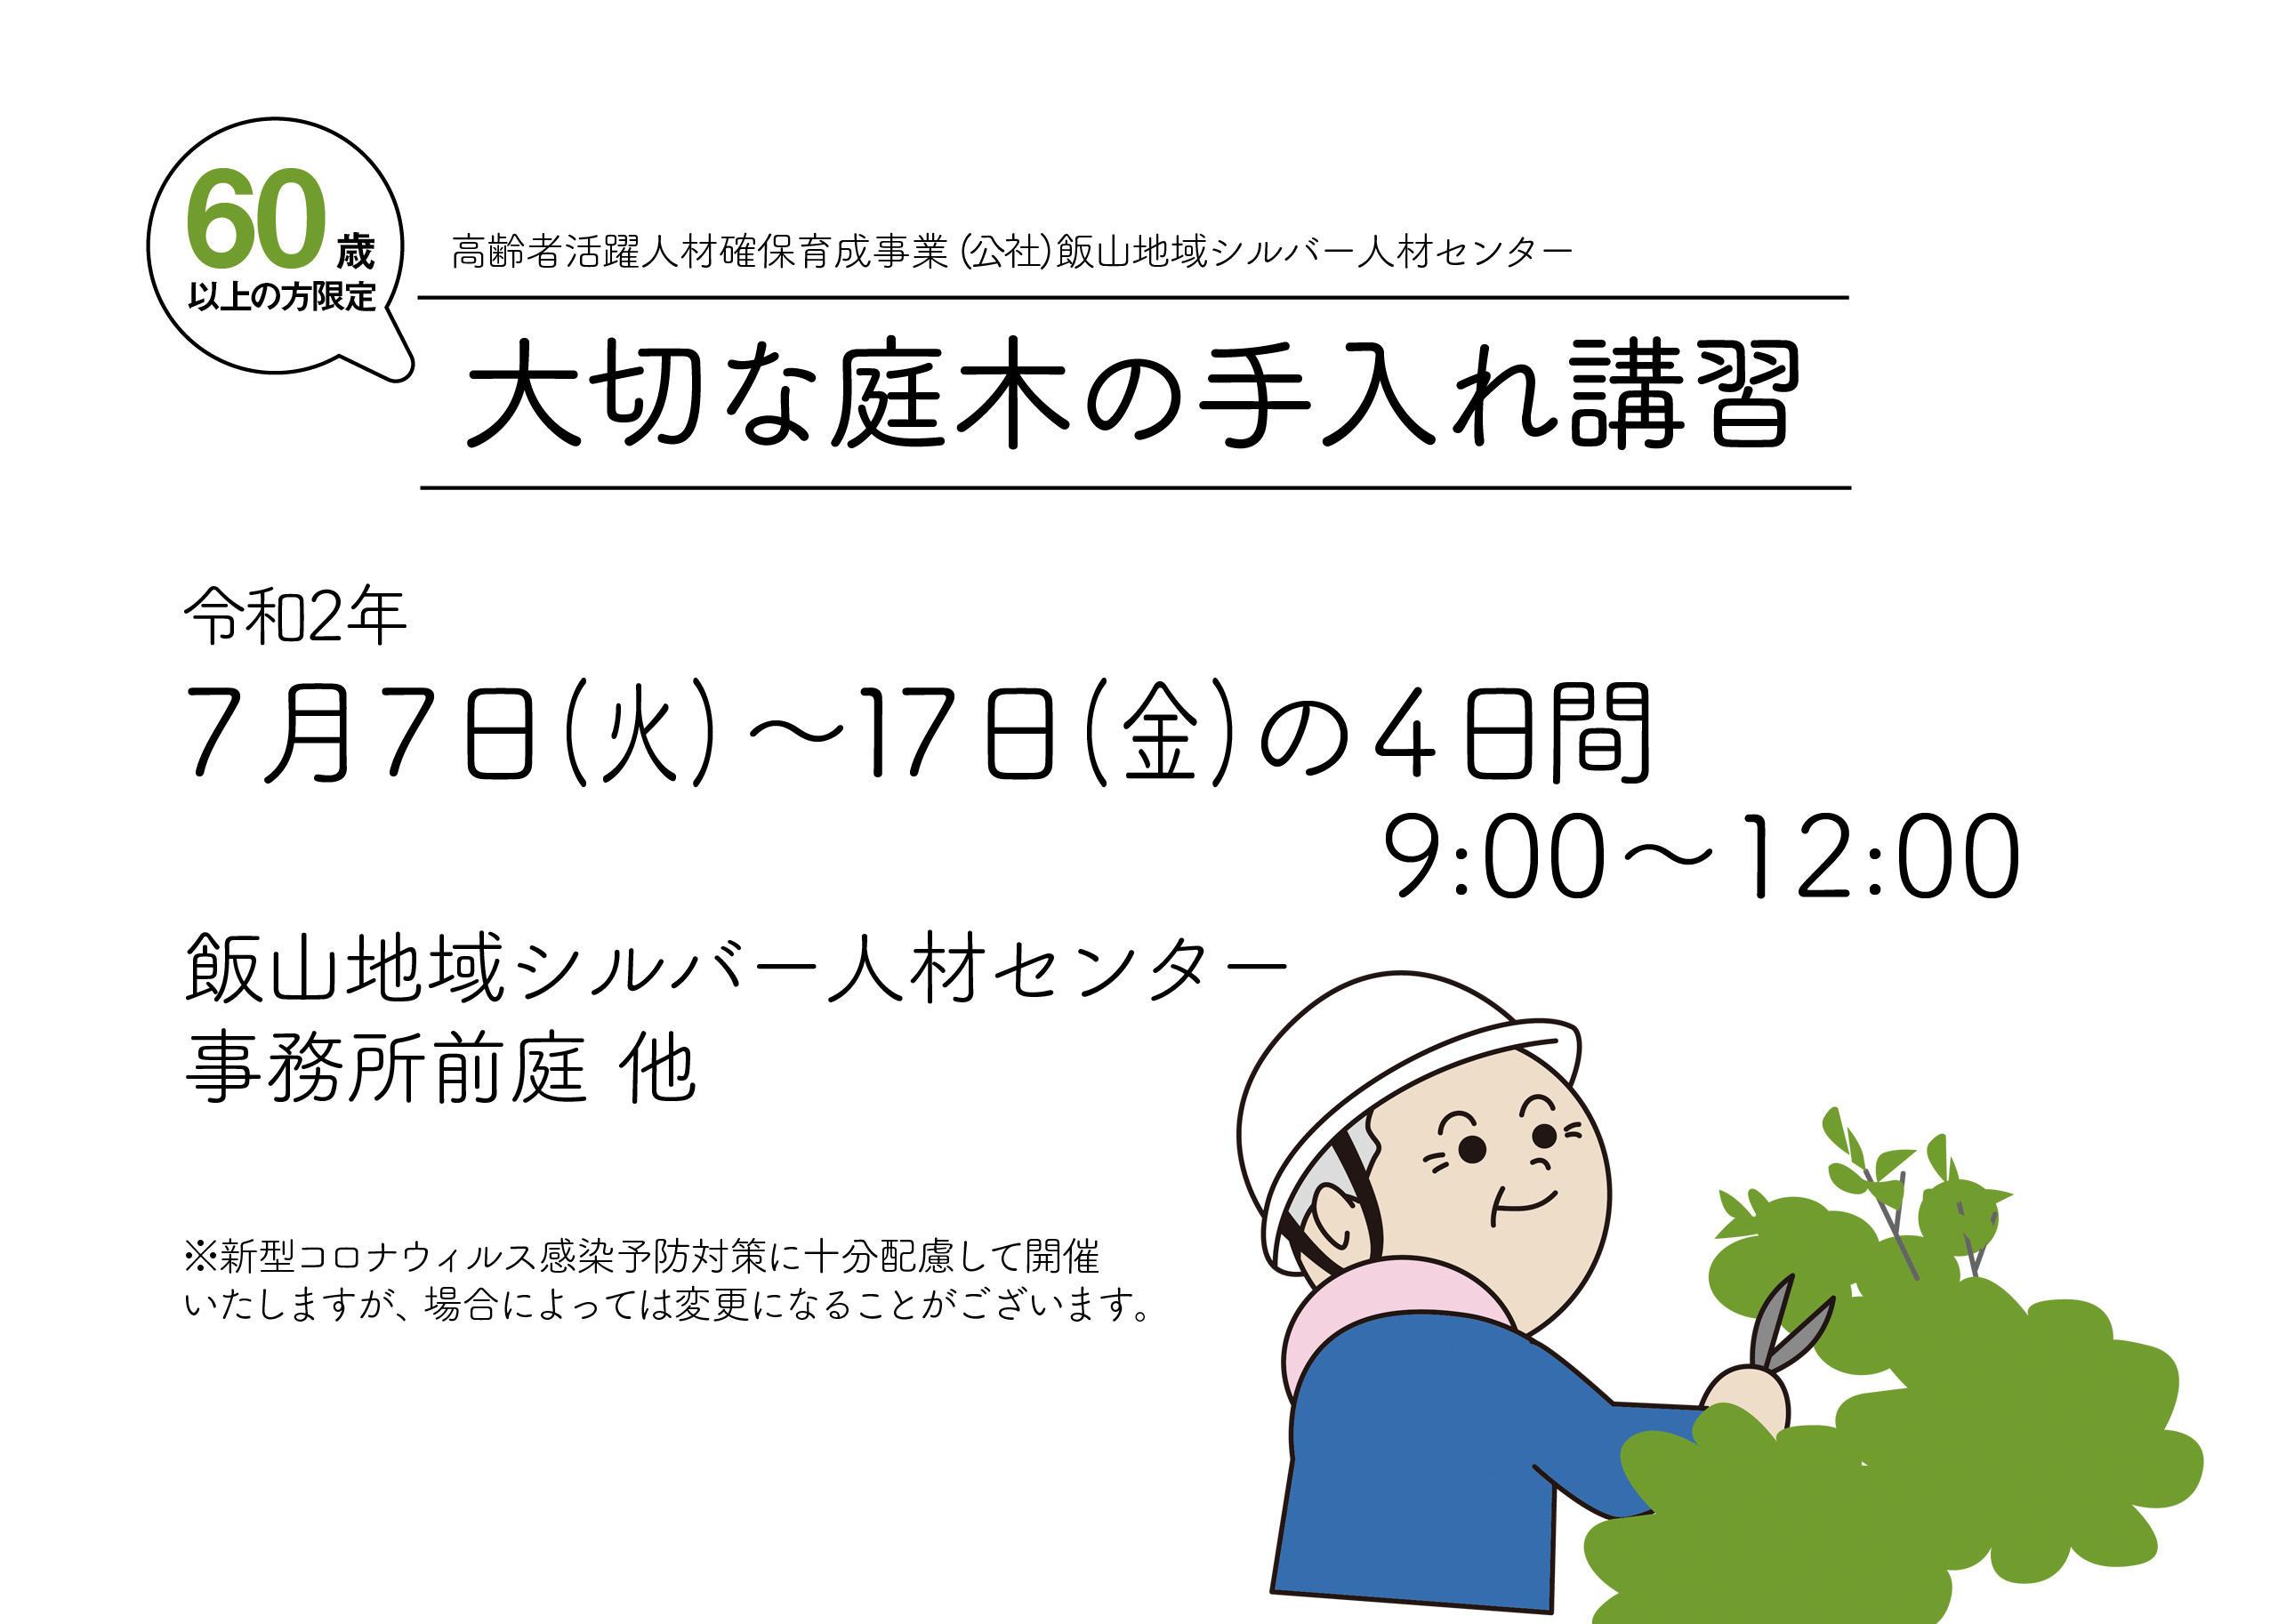 200707.庭木の手入れ講習(飯山)アイキャッチ.jpg